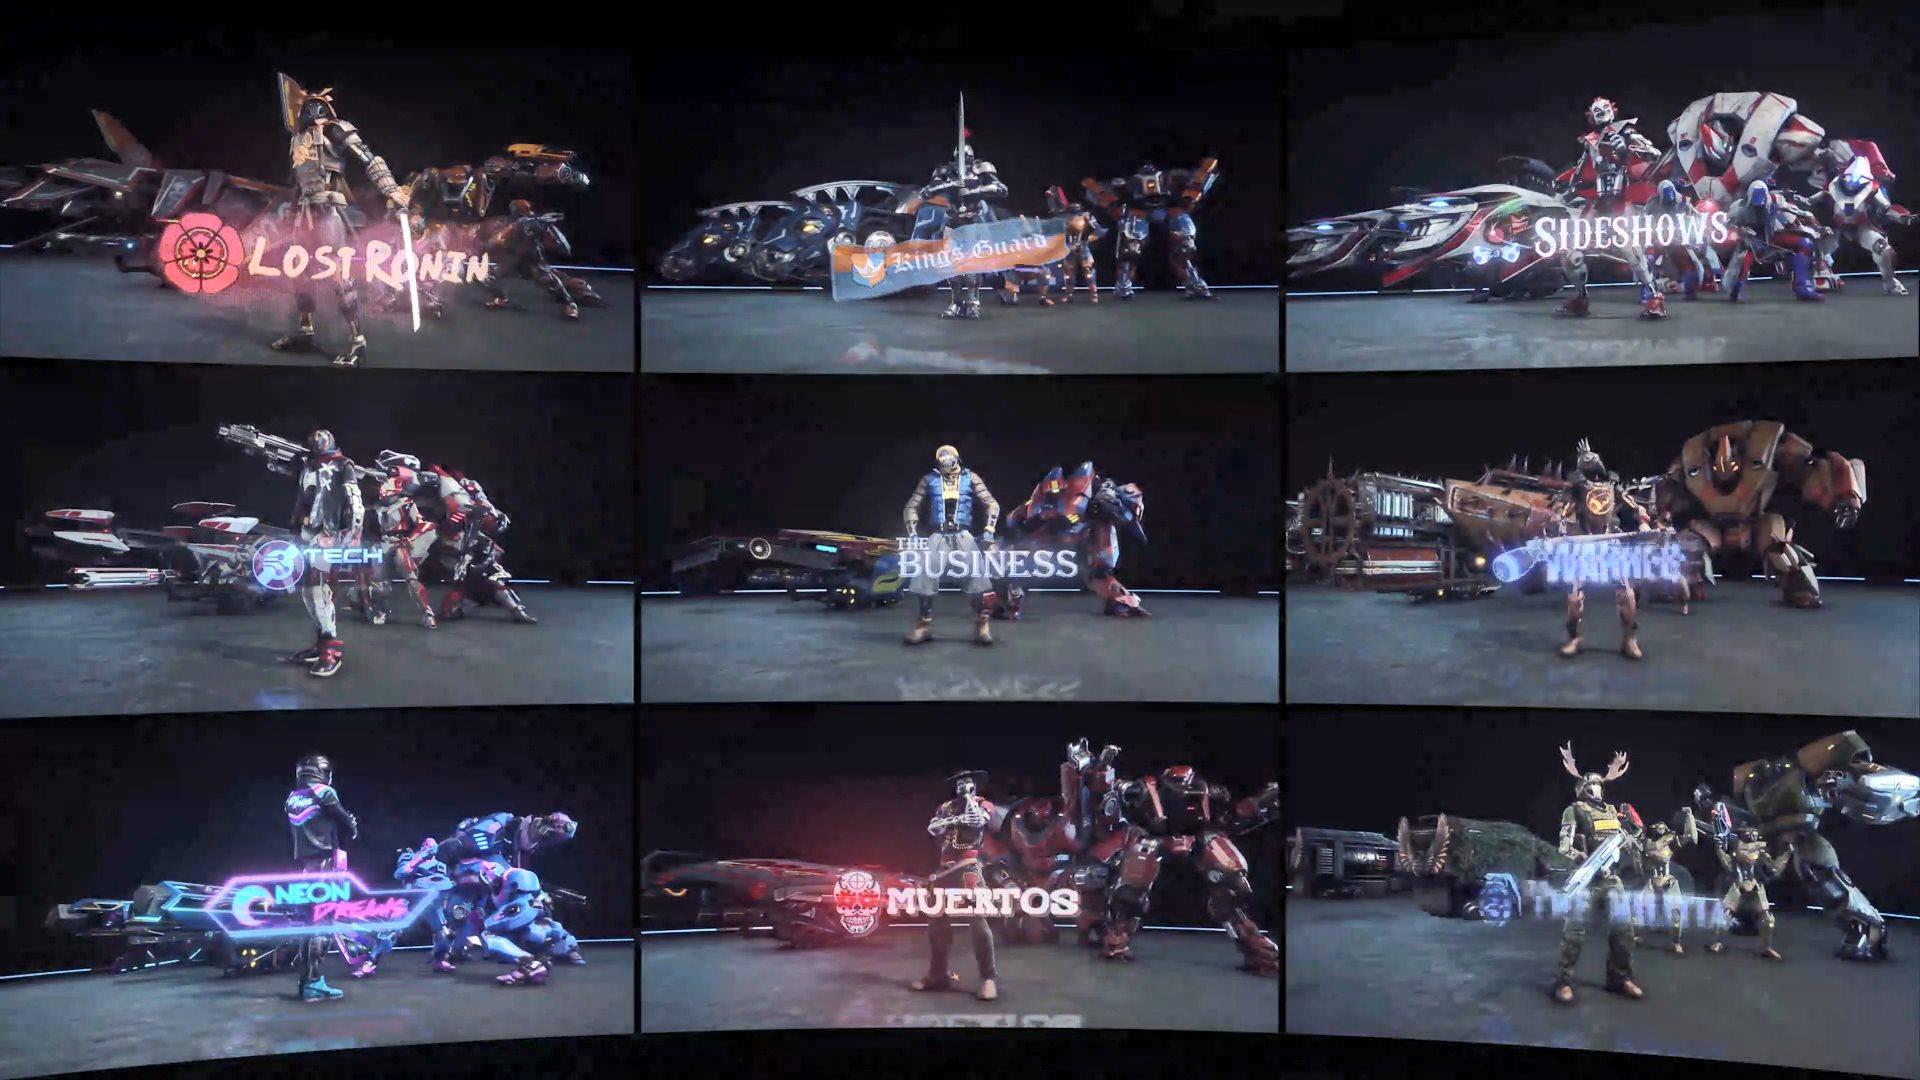 光环创始人新作《崩解》正式发售 作战小队宣传片释出